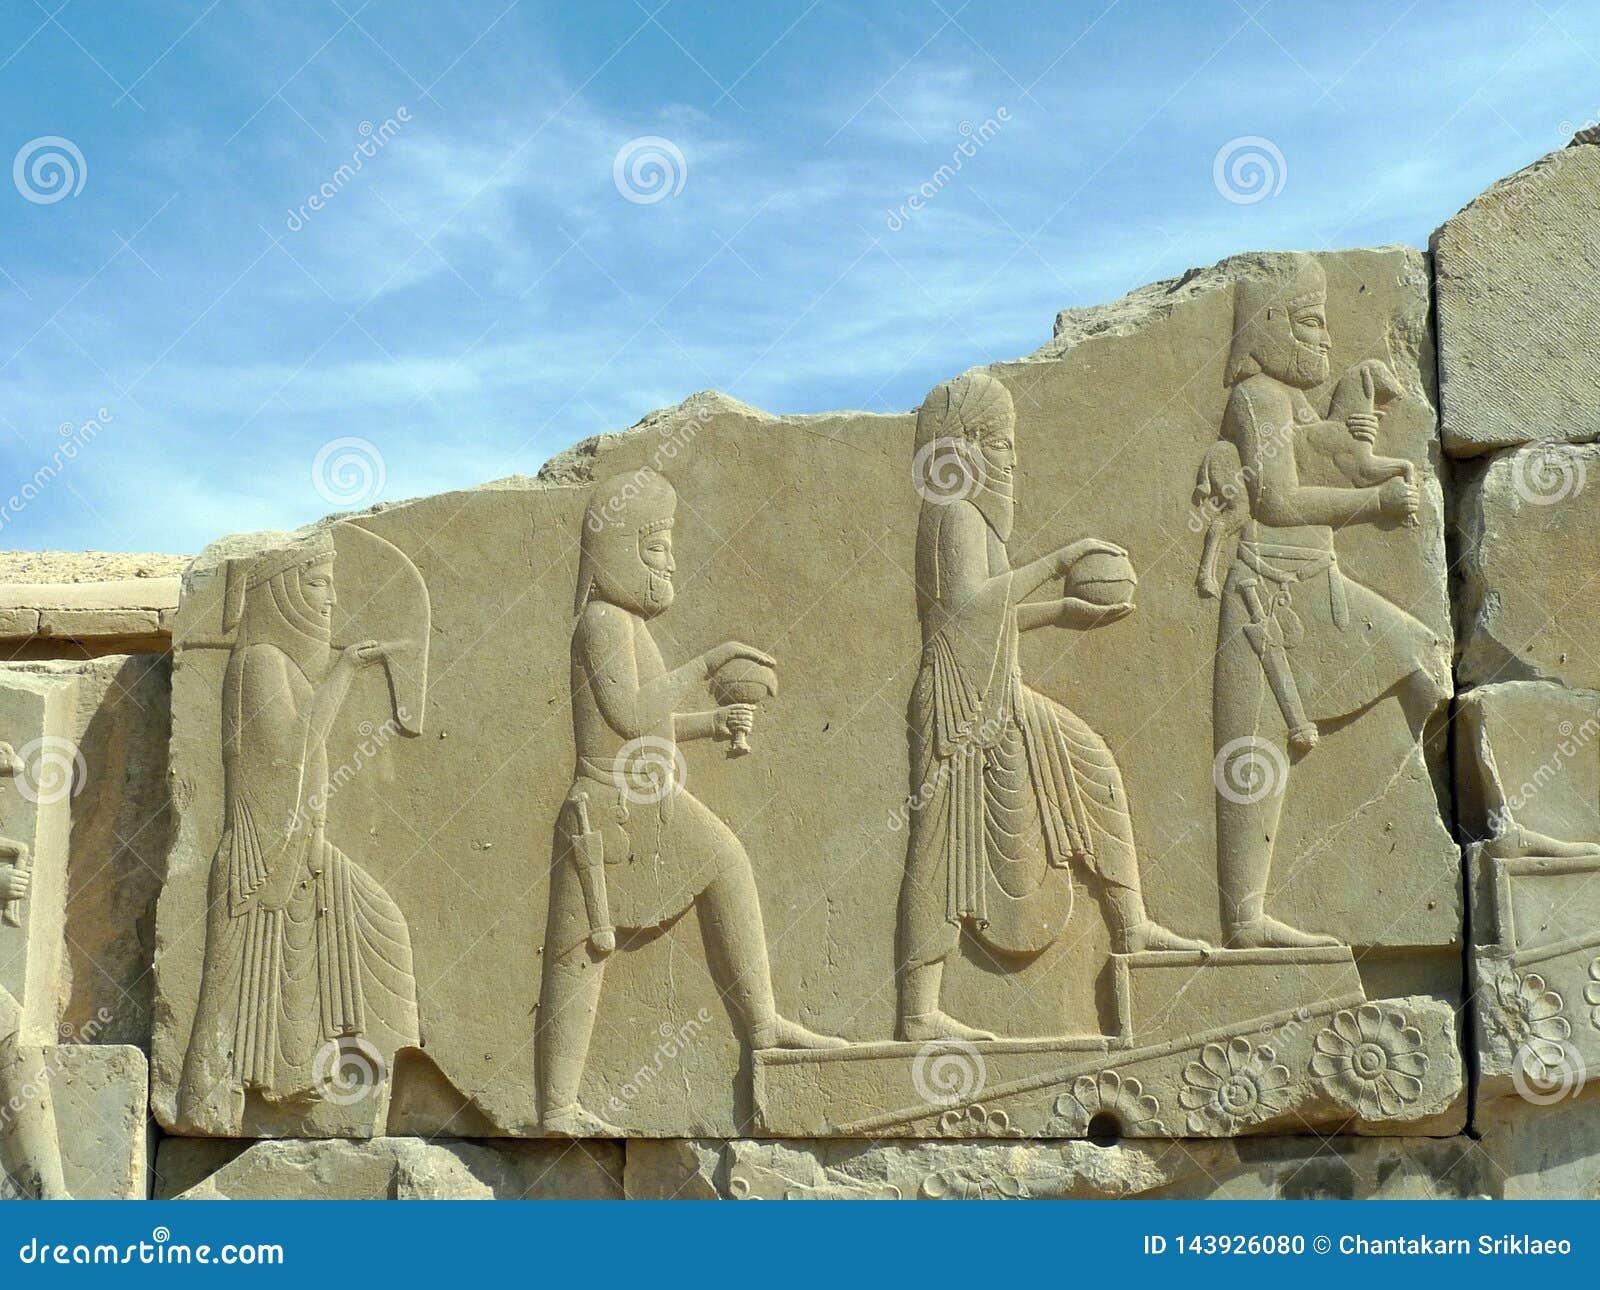 Basrelief av folk från muti-nationer erbjuder hedersgåvor till den persiska konungen